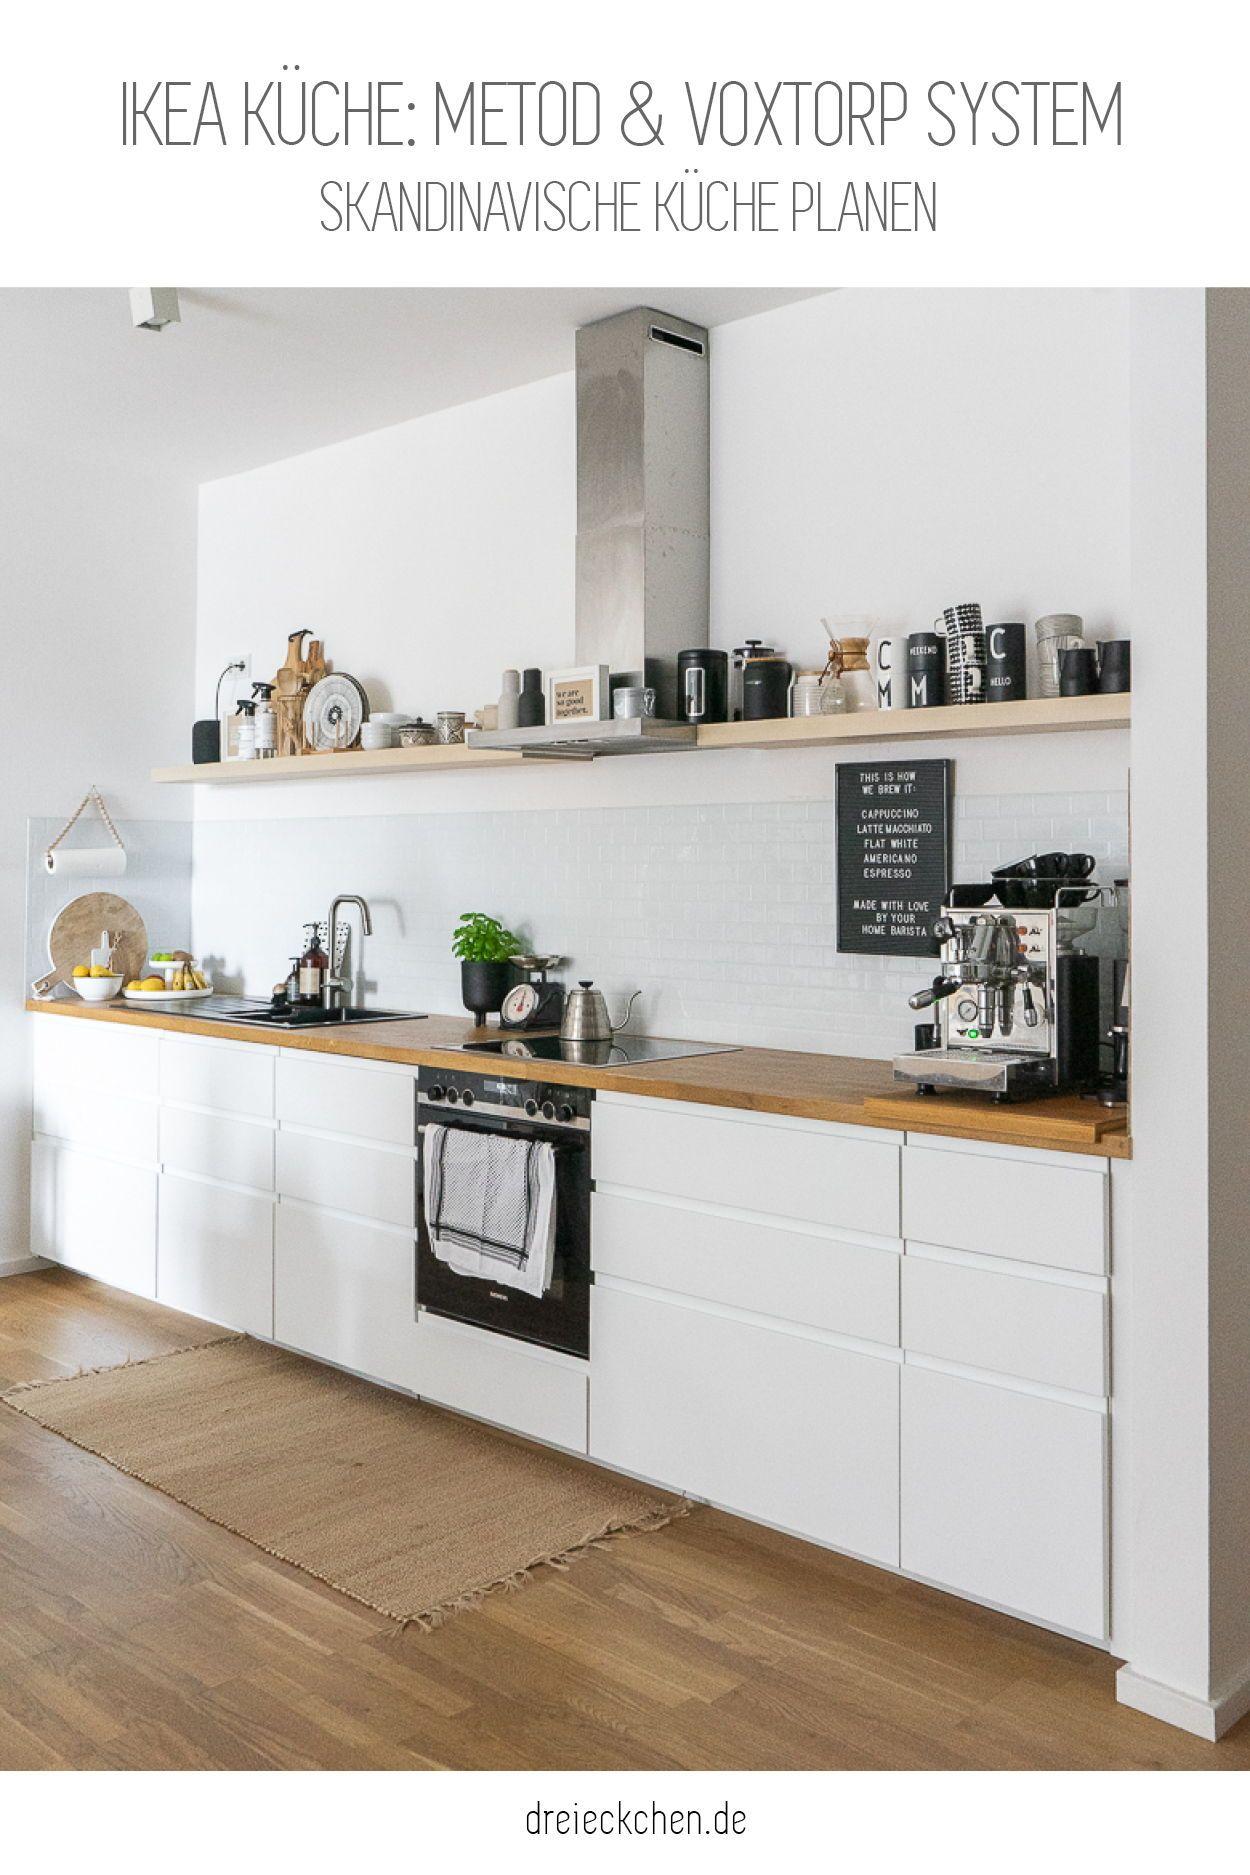 IKEA Küche planen und aufbauen: Metod und Voxtorp System